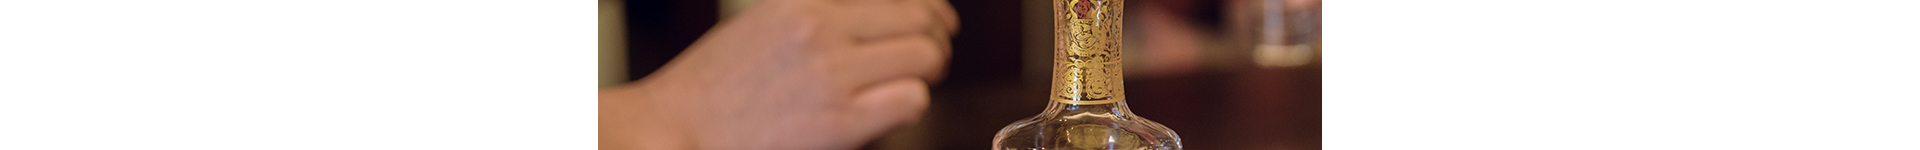 老宗医-吃酒有方-59